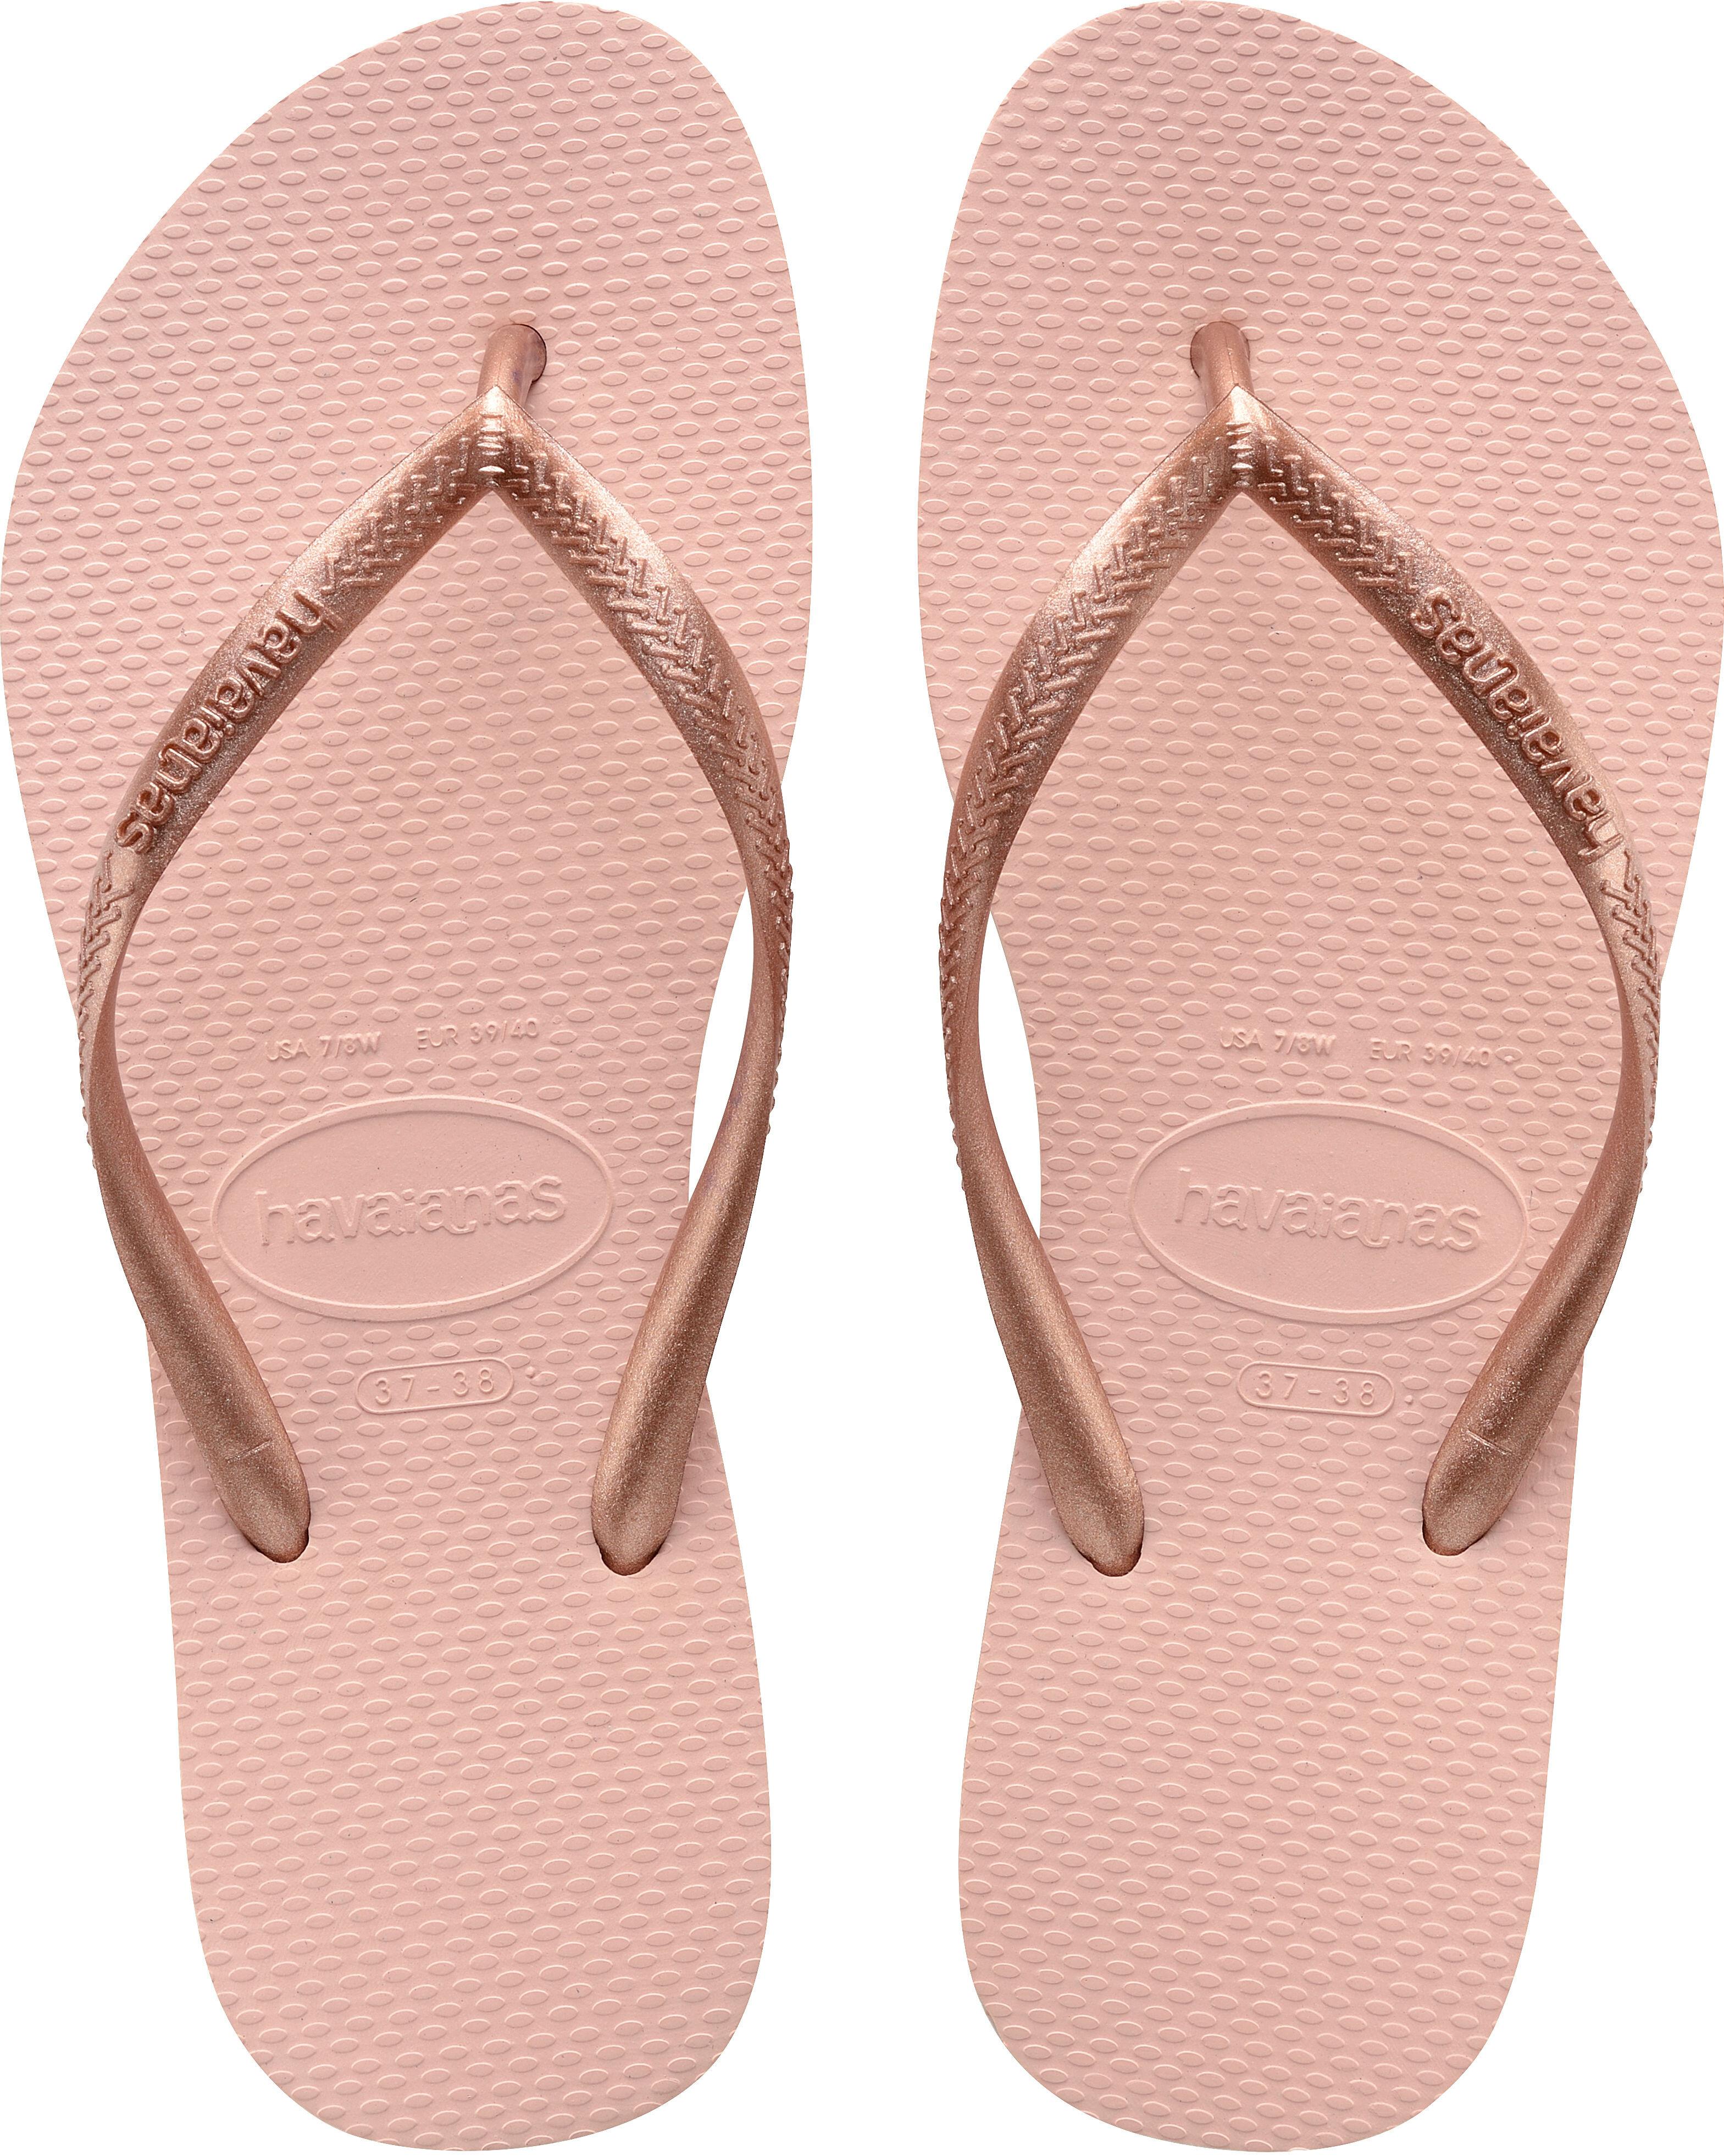 5efe7ae0d27 havaianas Slim Sandaler Damer rød   Find outdoortøj, sko & udstyr på ...